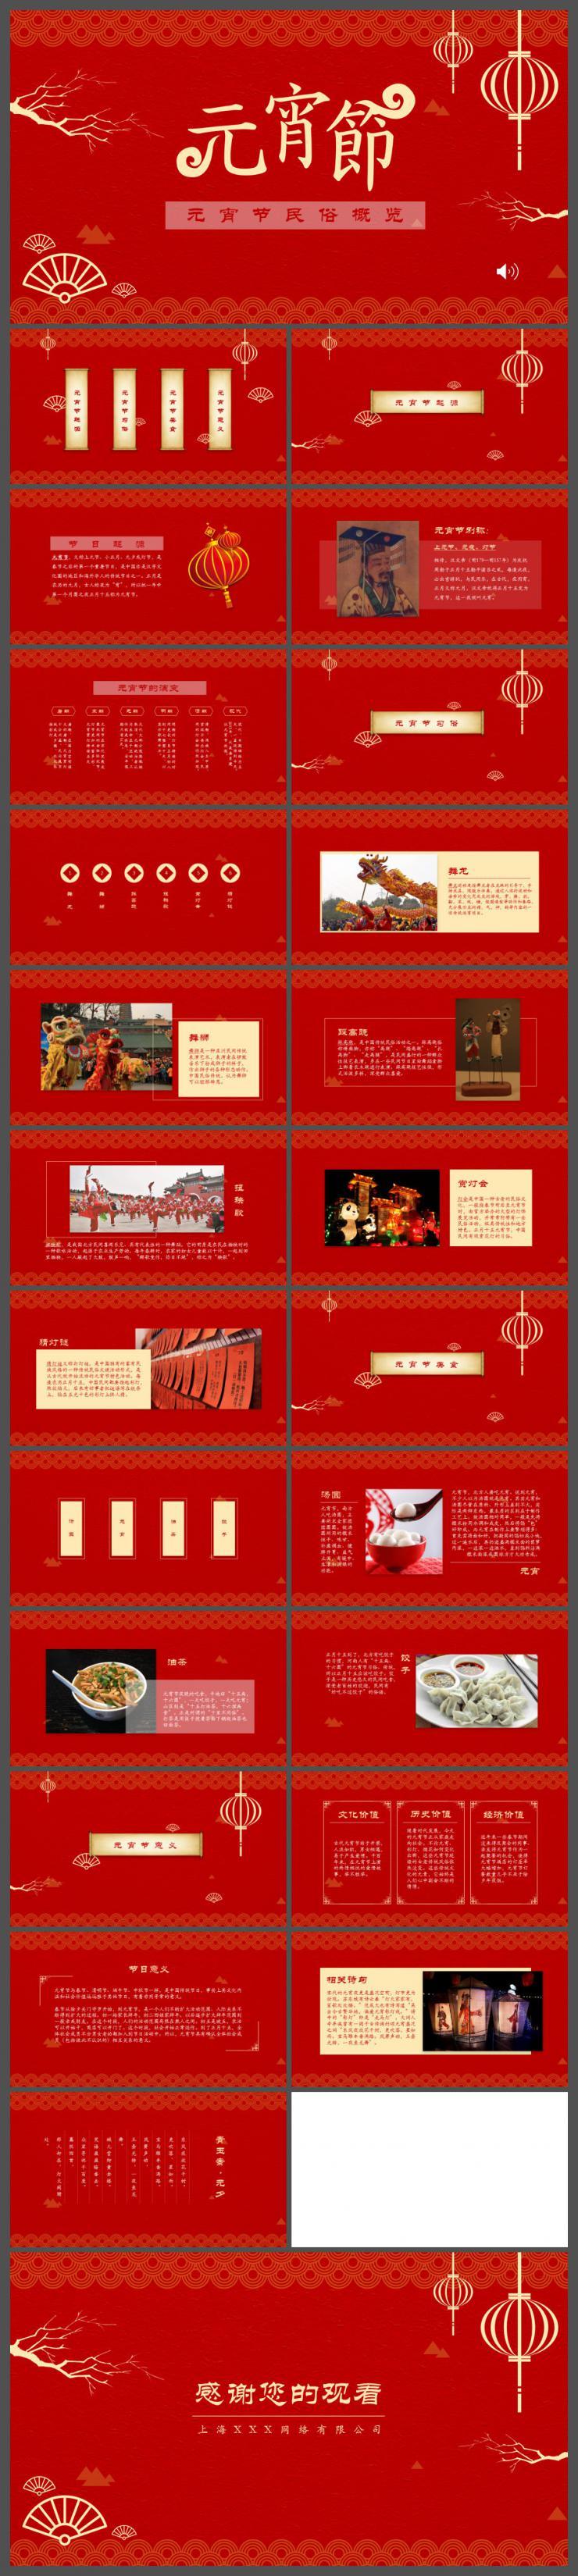 喜庆中国风传统民俗节日元宵节PPT模板